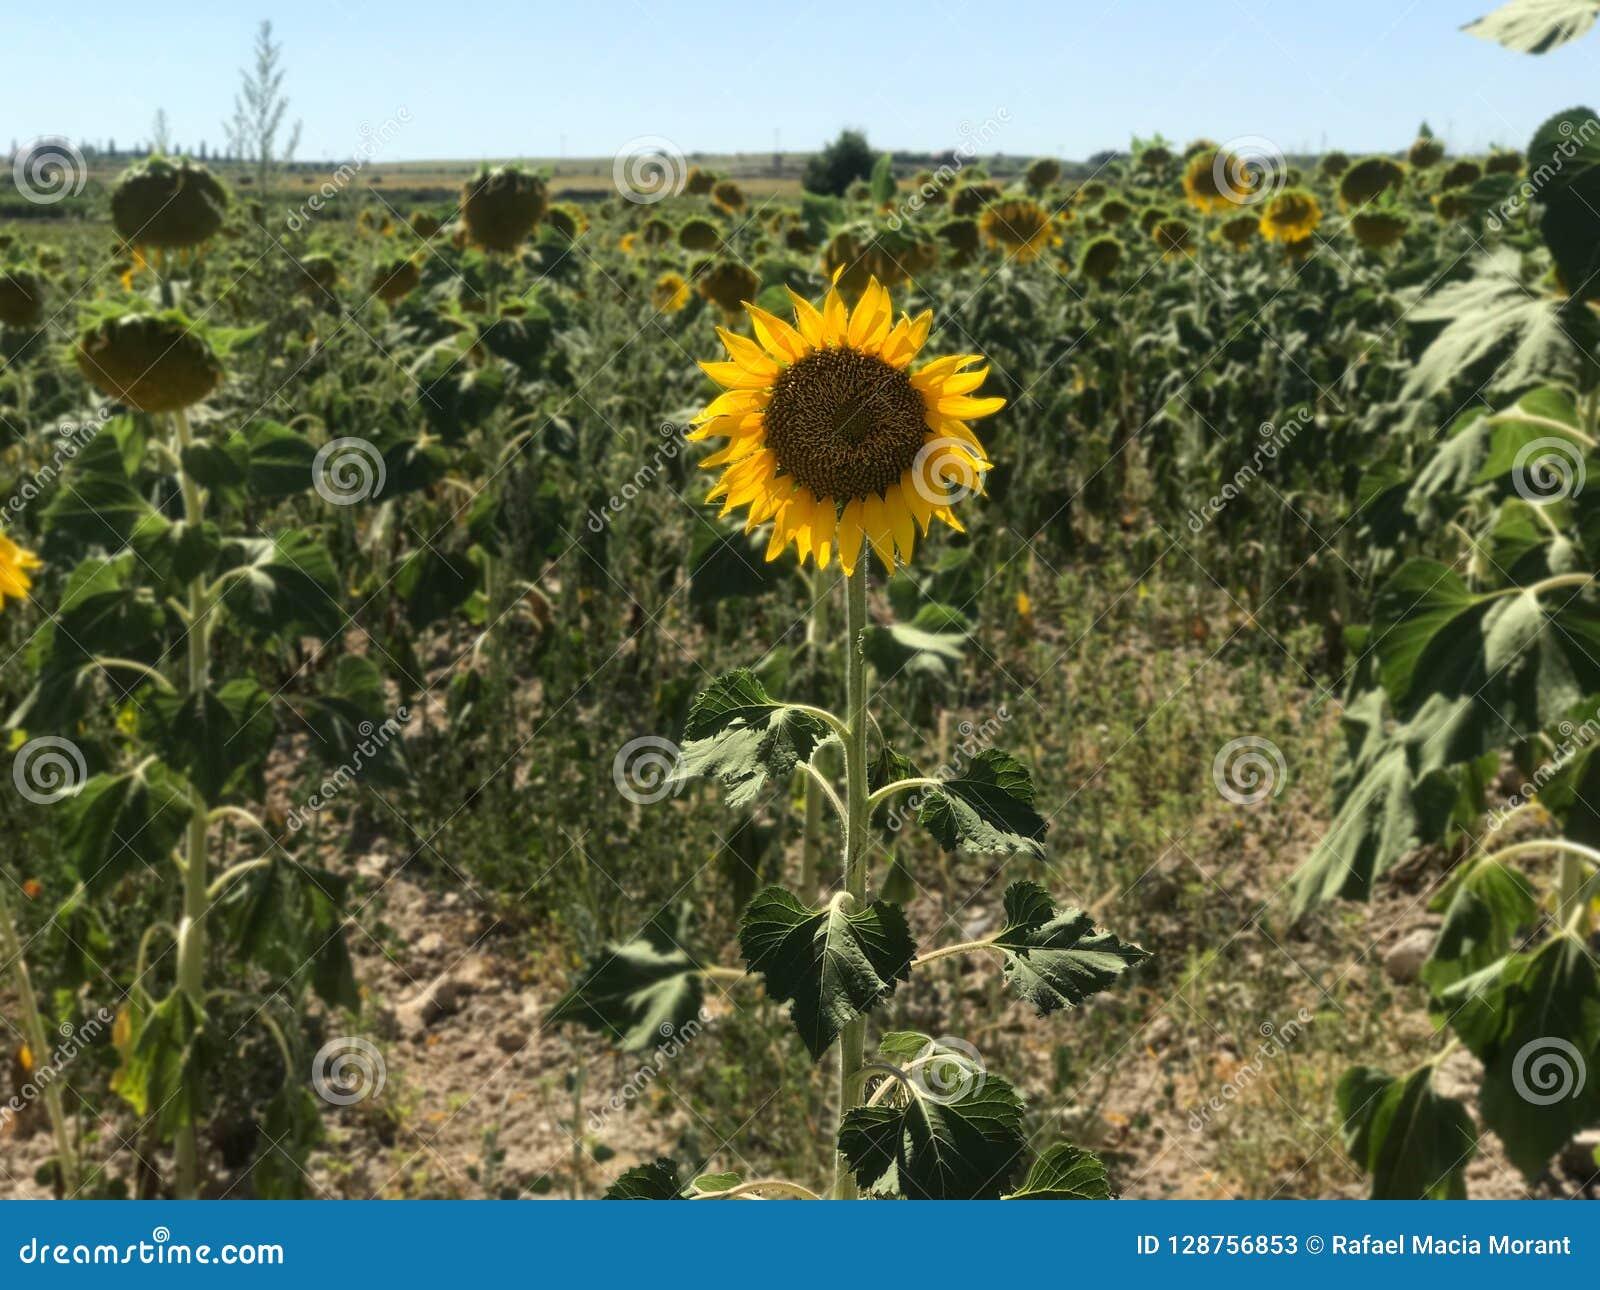 Sunflower at its maximum splendor